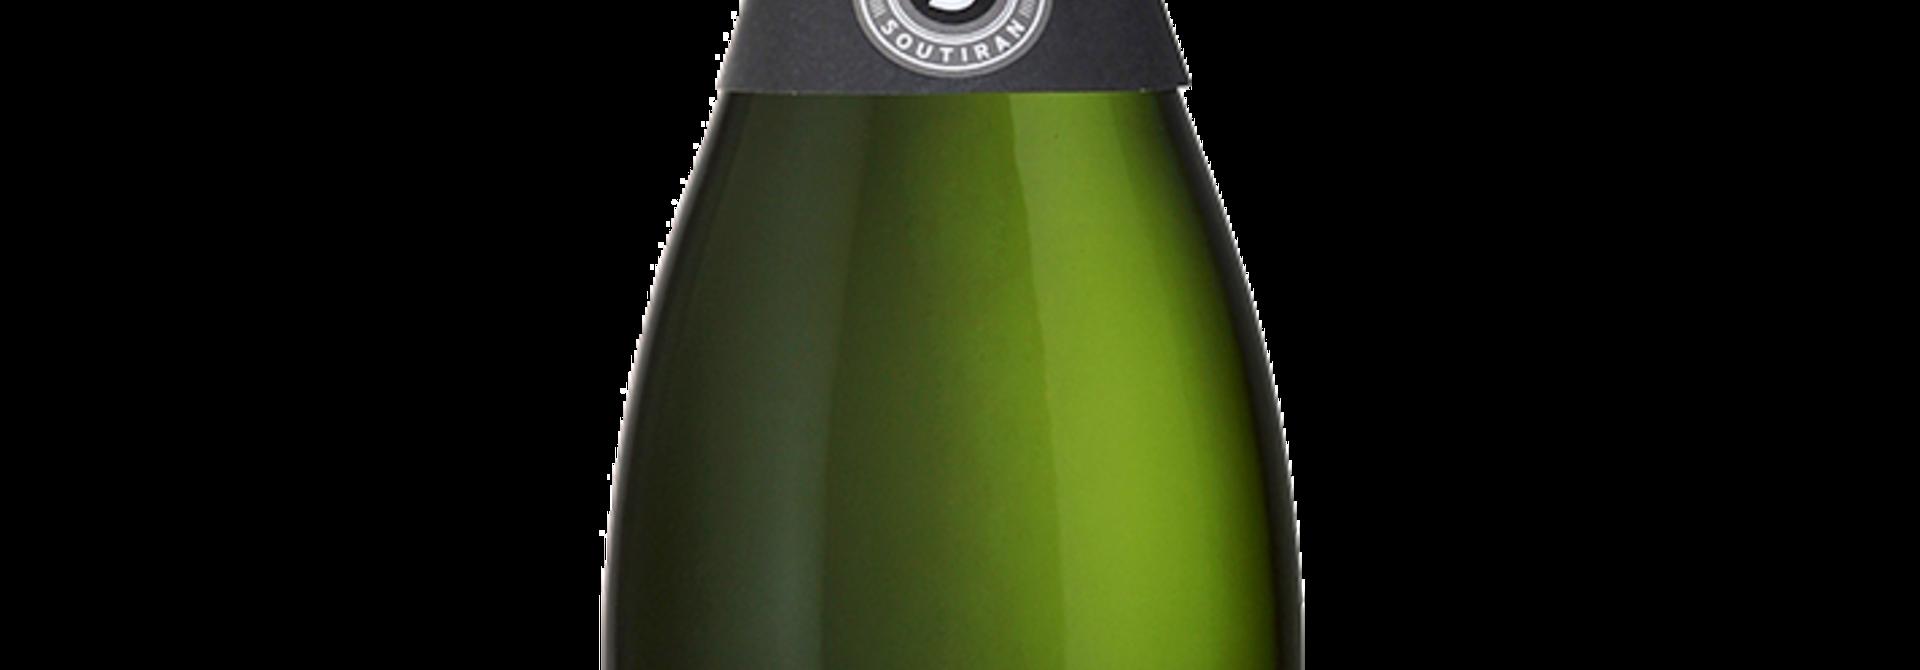 Champagne Soutiran Brut Cuvee Alexandre 1er Cru